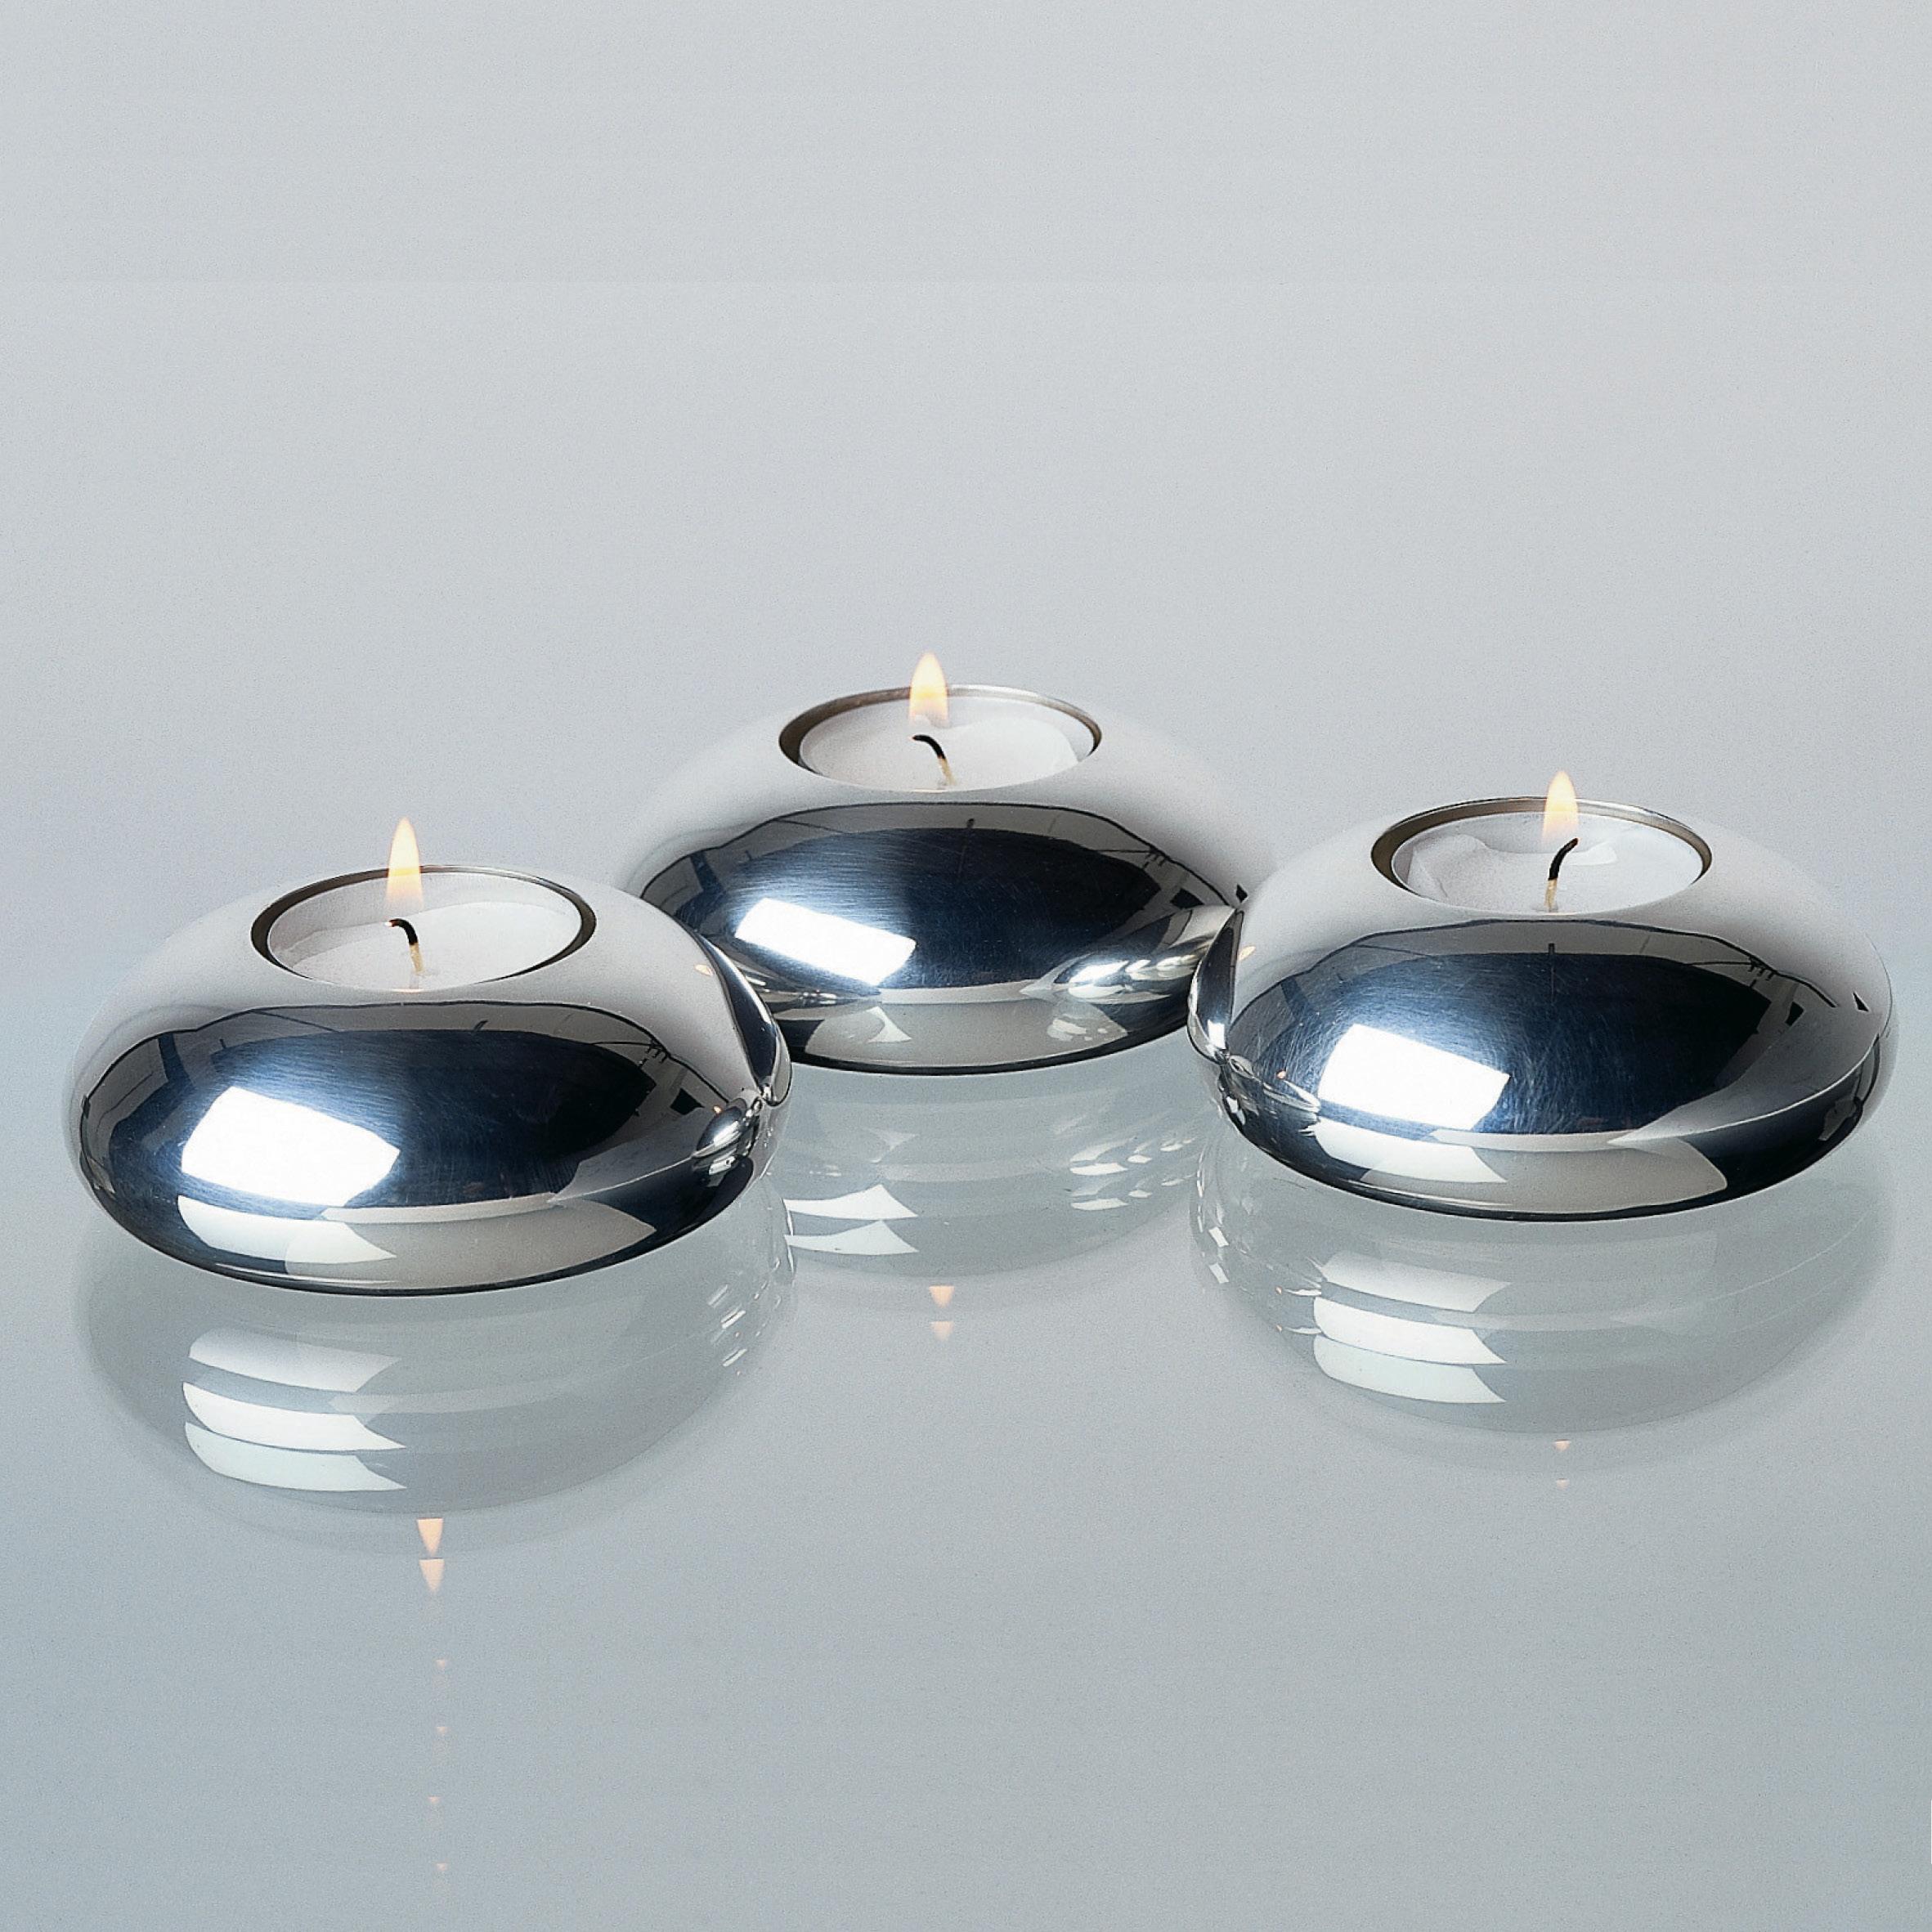 lambert runder stein teelichthalter lambert querpass. Black Bedroom Furniture Sets. Home Design Ideas